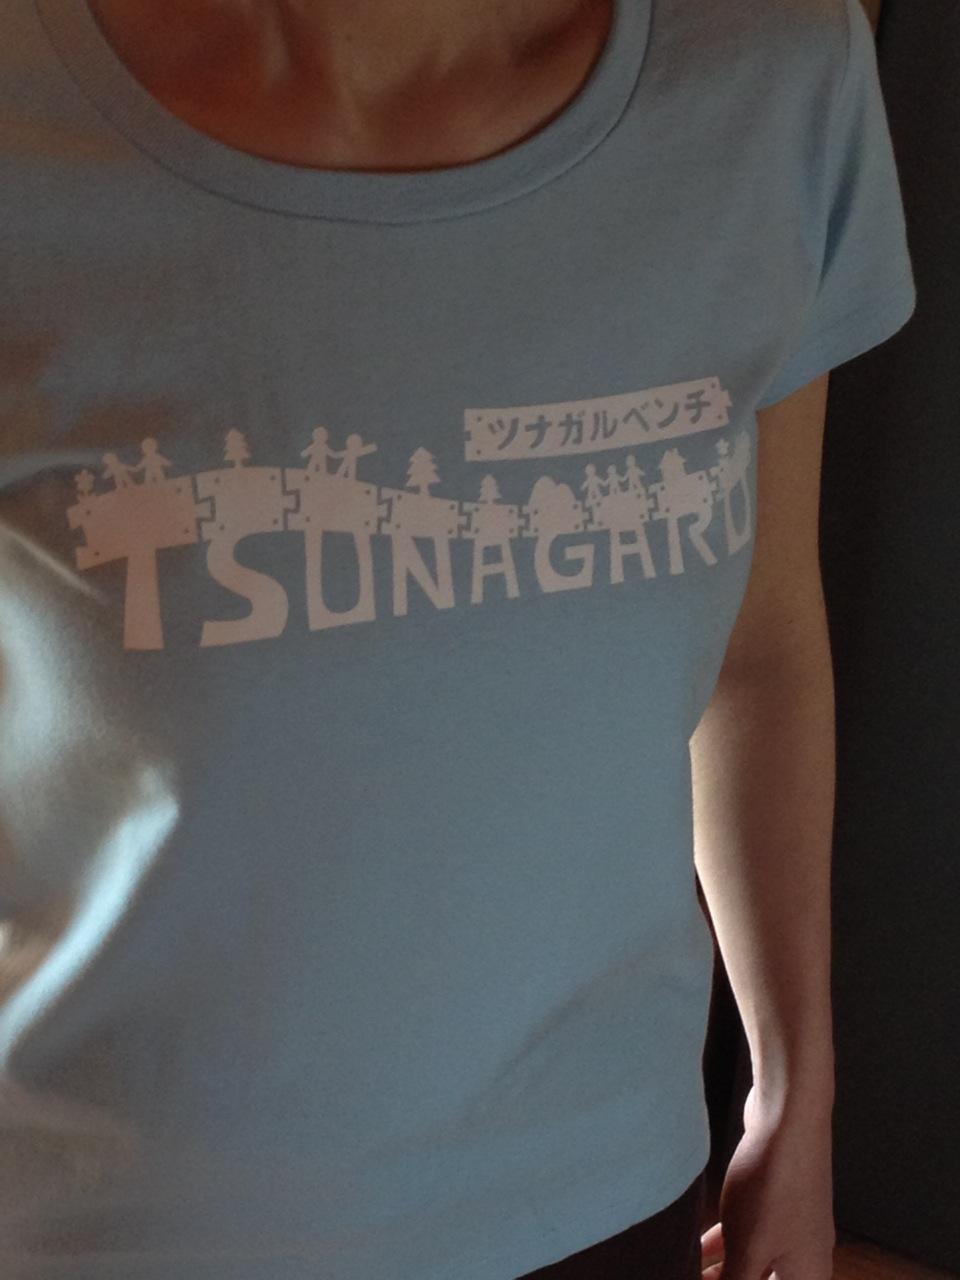 ツナベンTシャツ_a0299898_170988.jpg